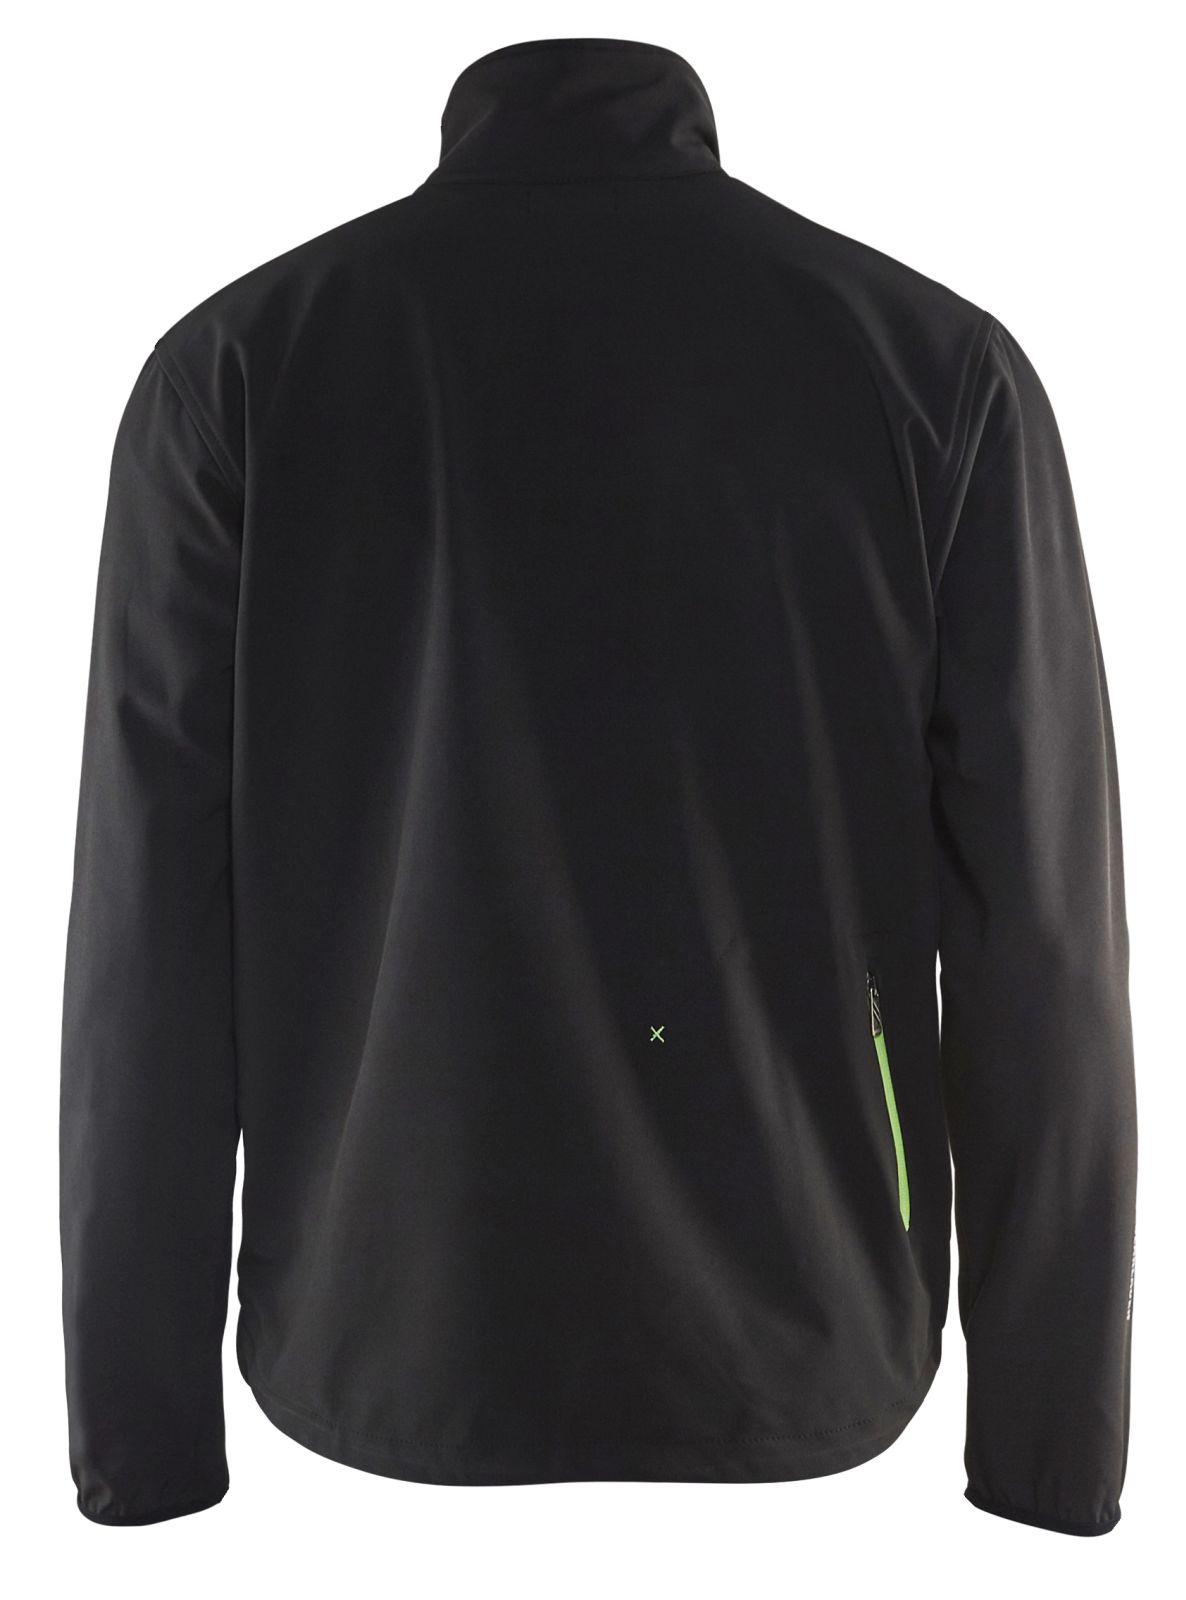 Blaklader Jassen 49522518 zwart-groen(9944)